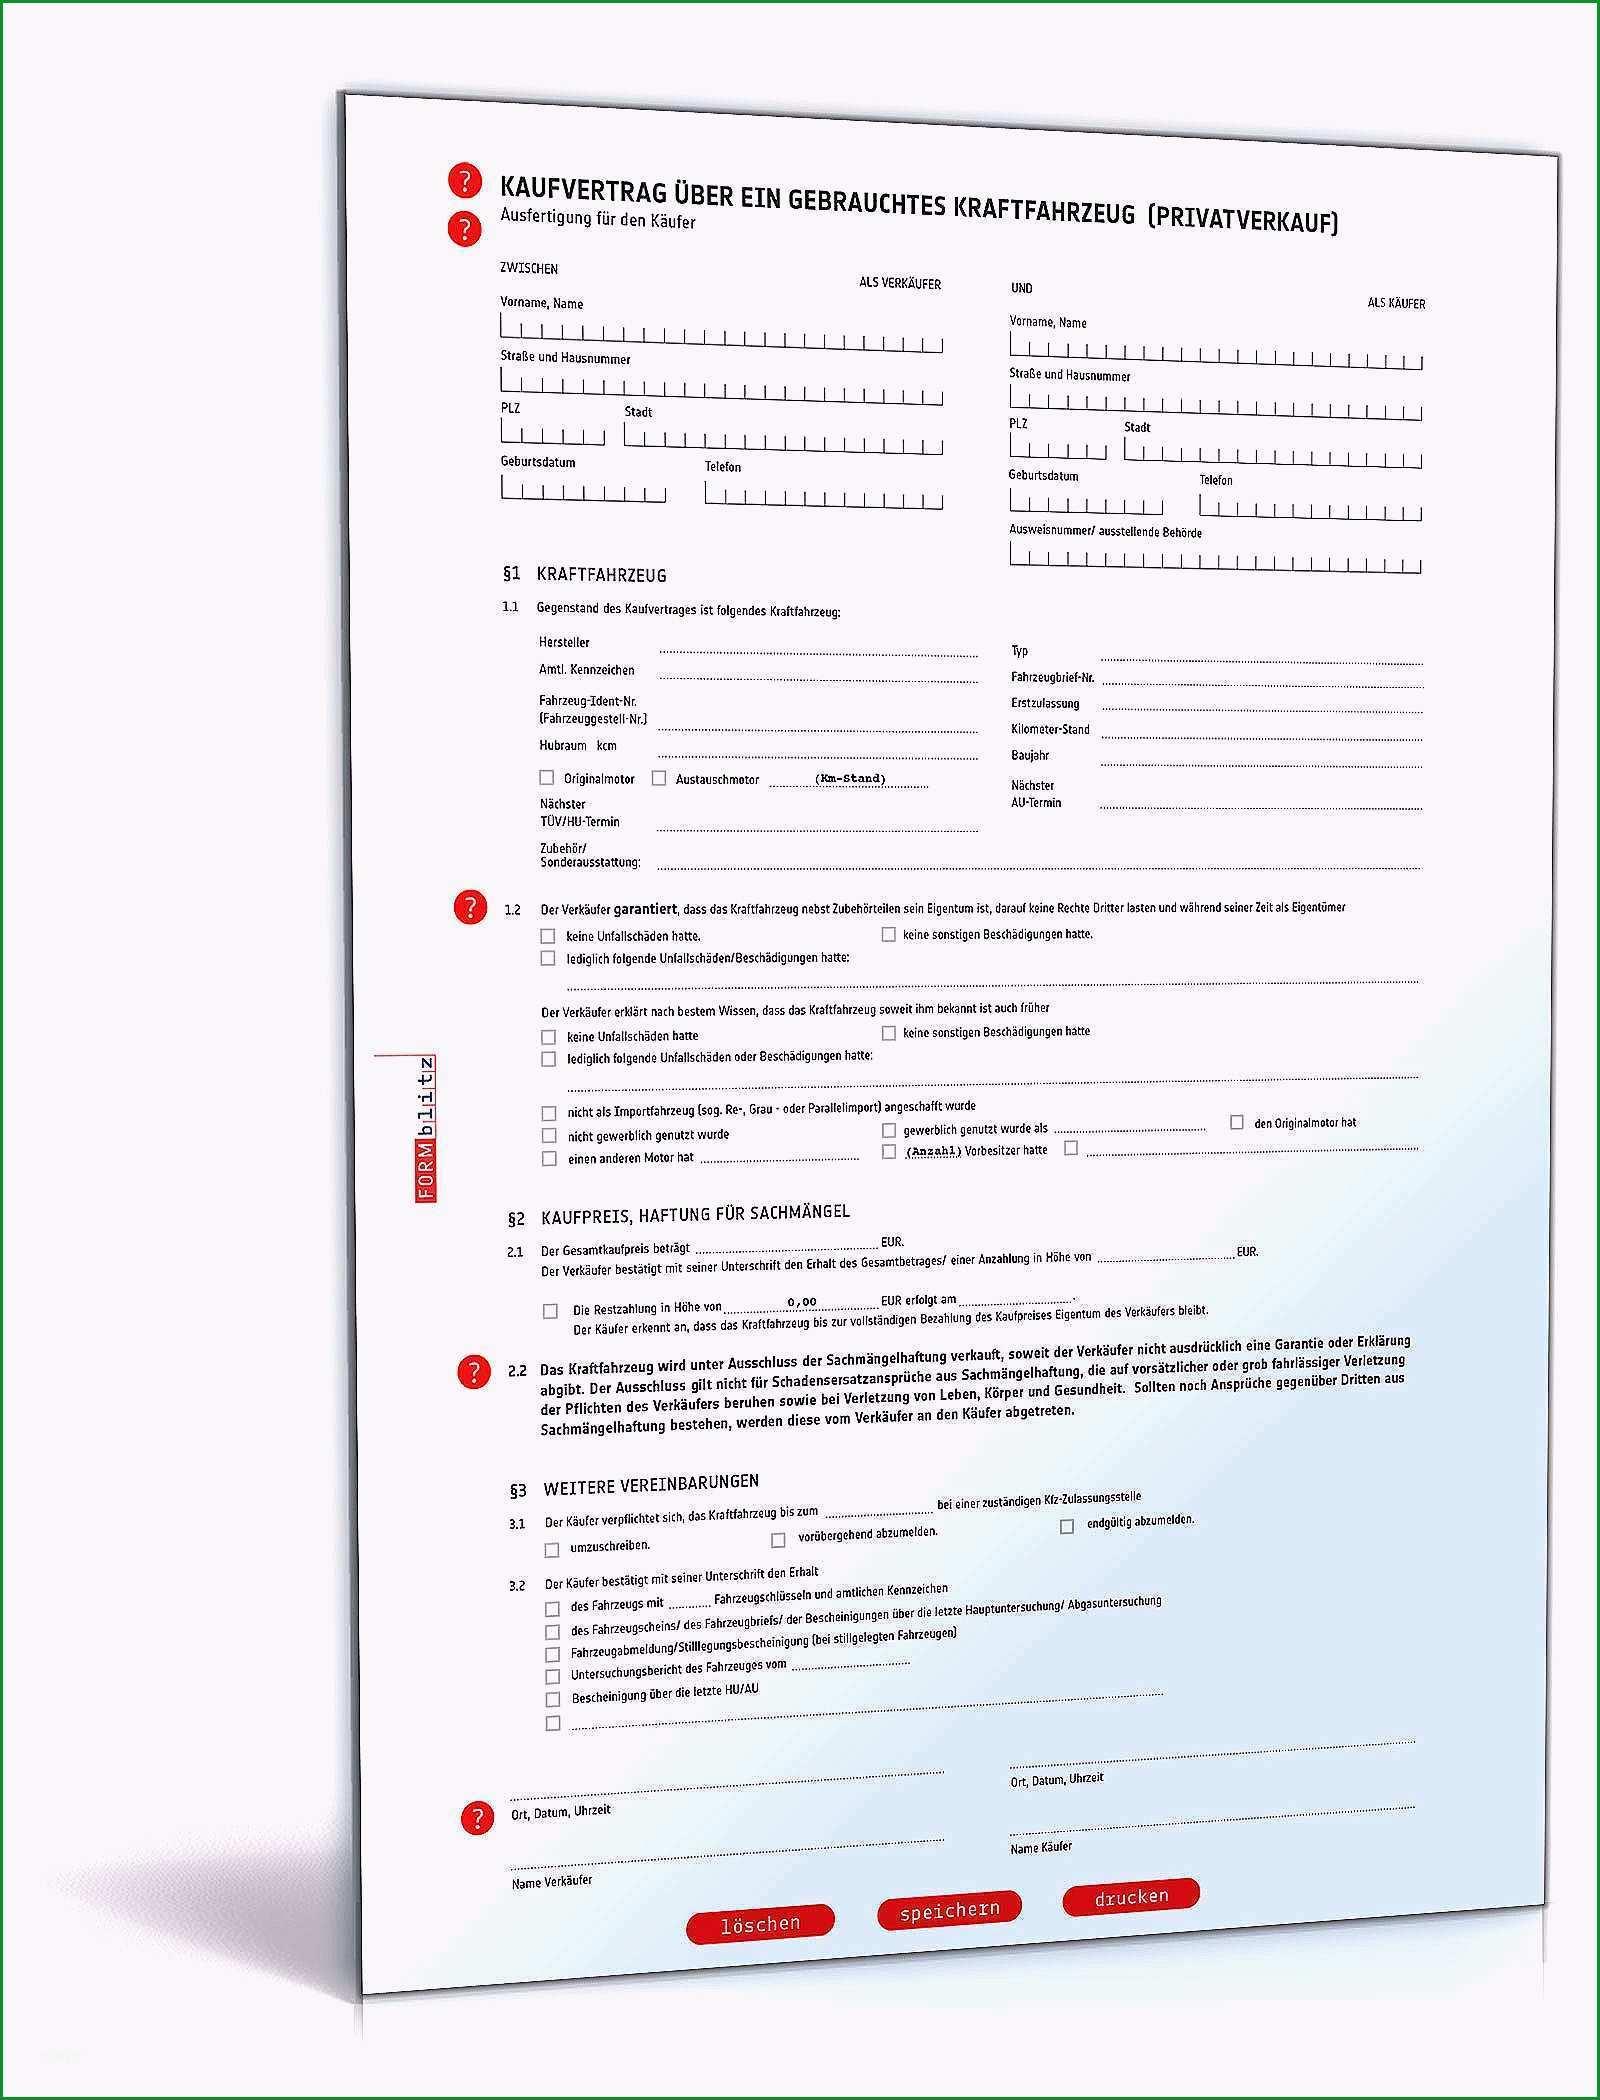 kfz kaufvertrag word vorlage 4566